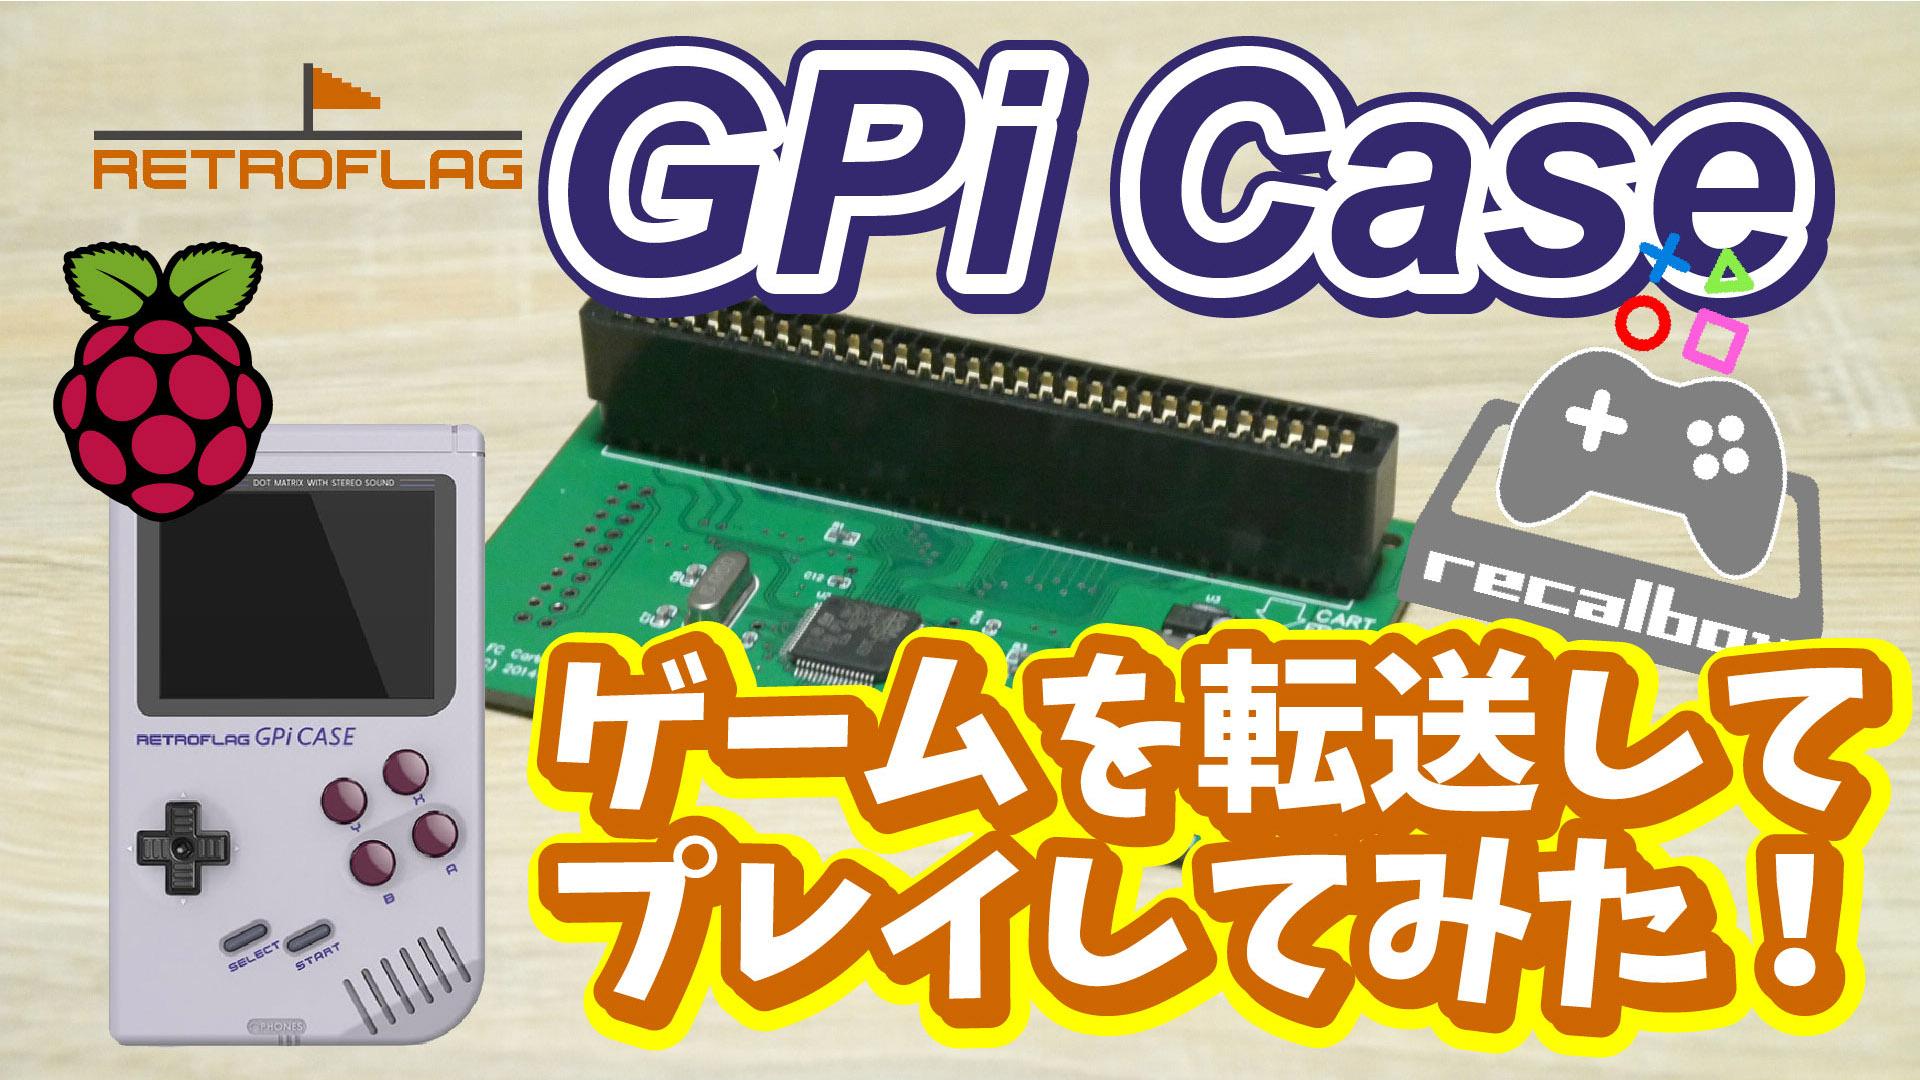 レトロゲームをダンプしてGPiケース+Recalbox (Raspberry Pi ZERO W) に転送&プレイしてみた。